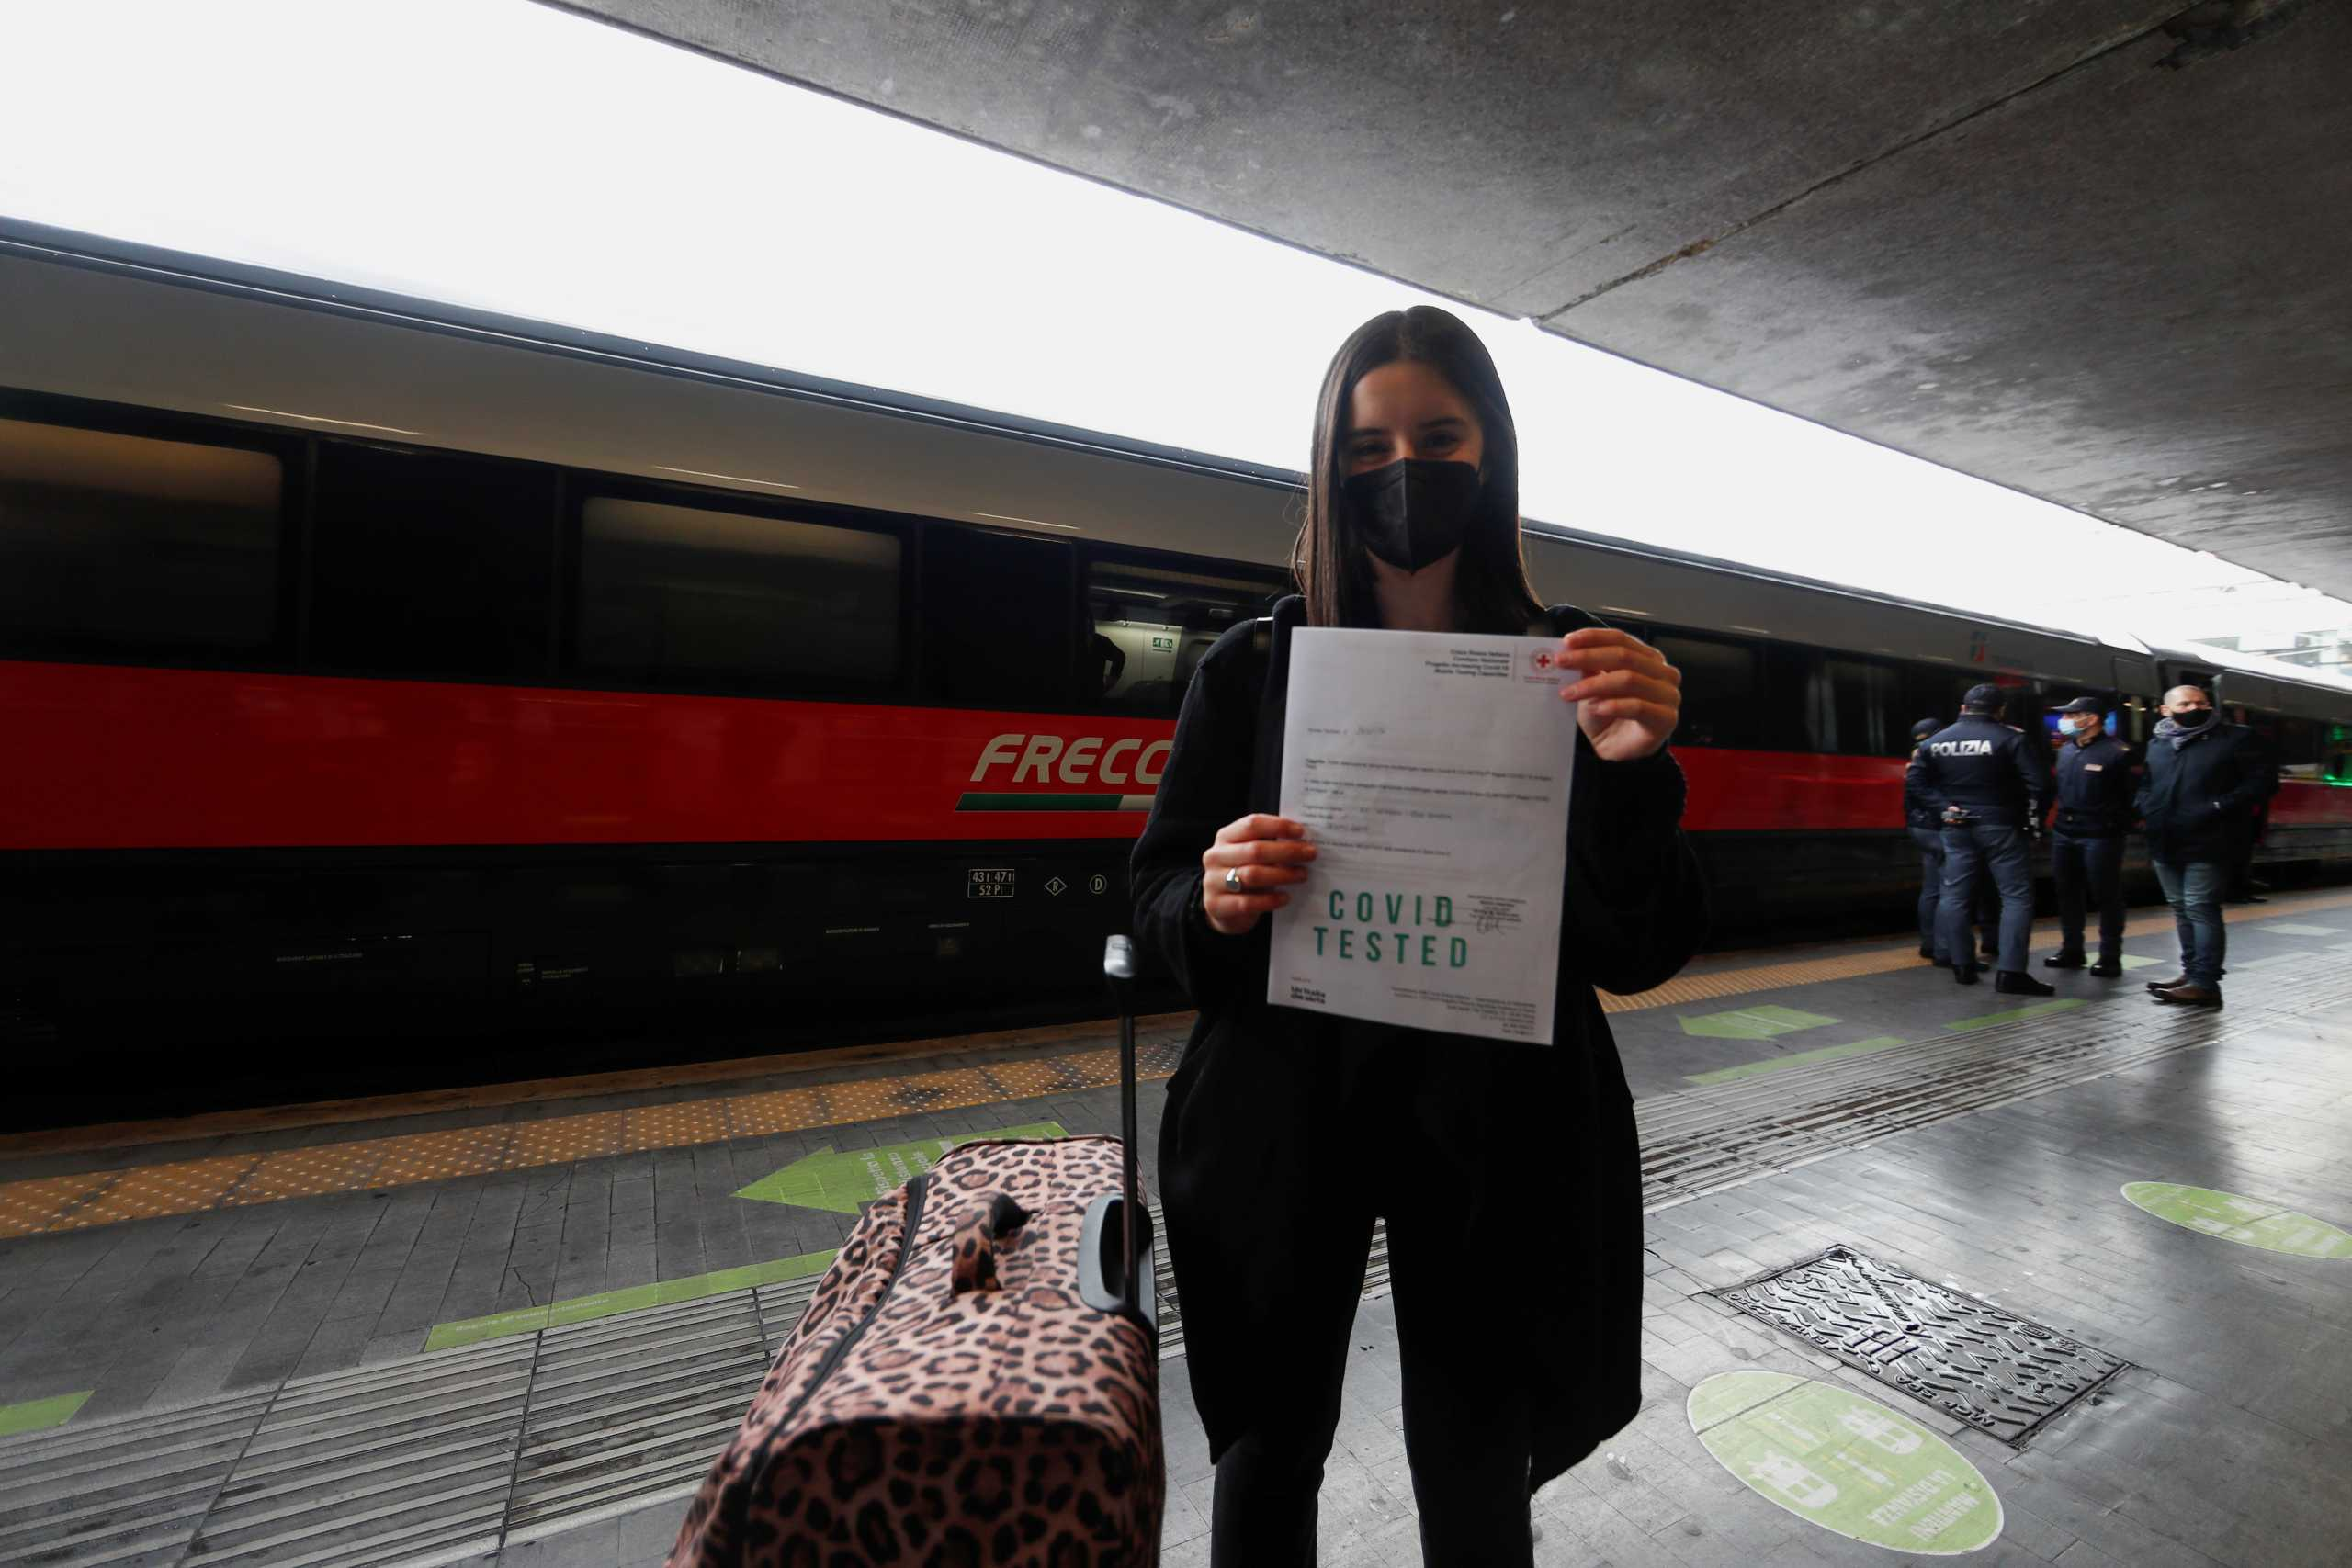 Σάλος στην Ισπανία: Υπάλληλος φαρμακείου πωλούσε πλαστά αρνητικά τεστ κορονοϊού σε ταξιδιώτες